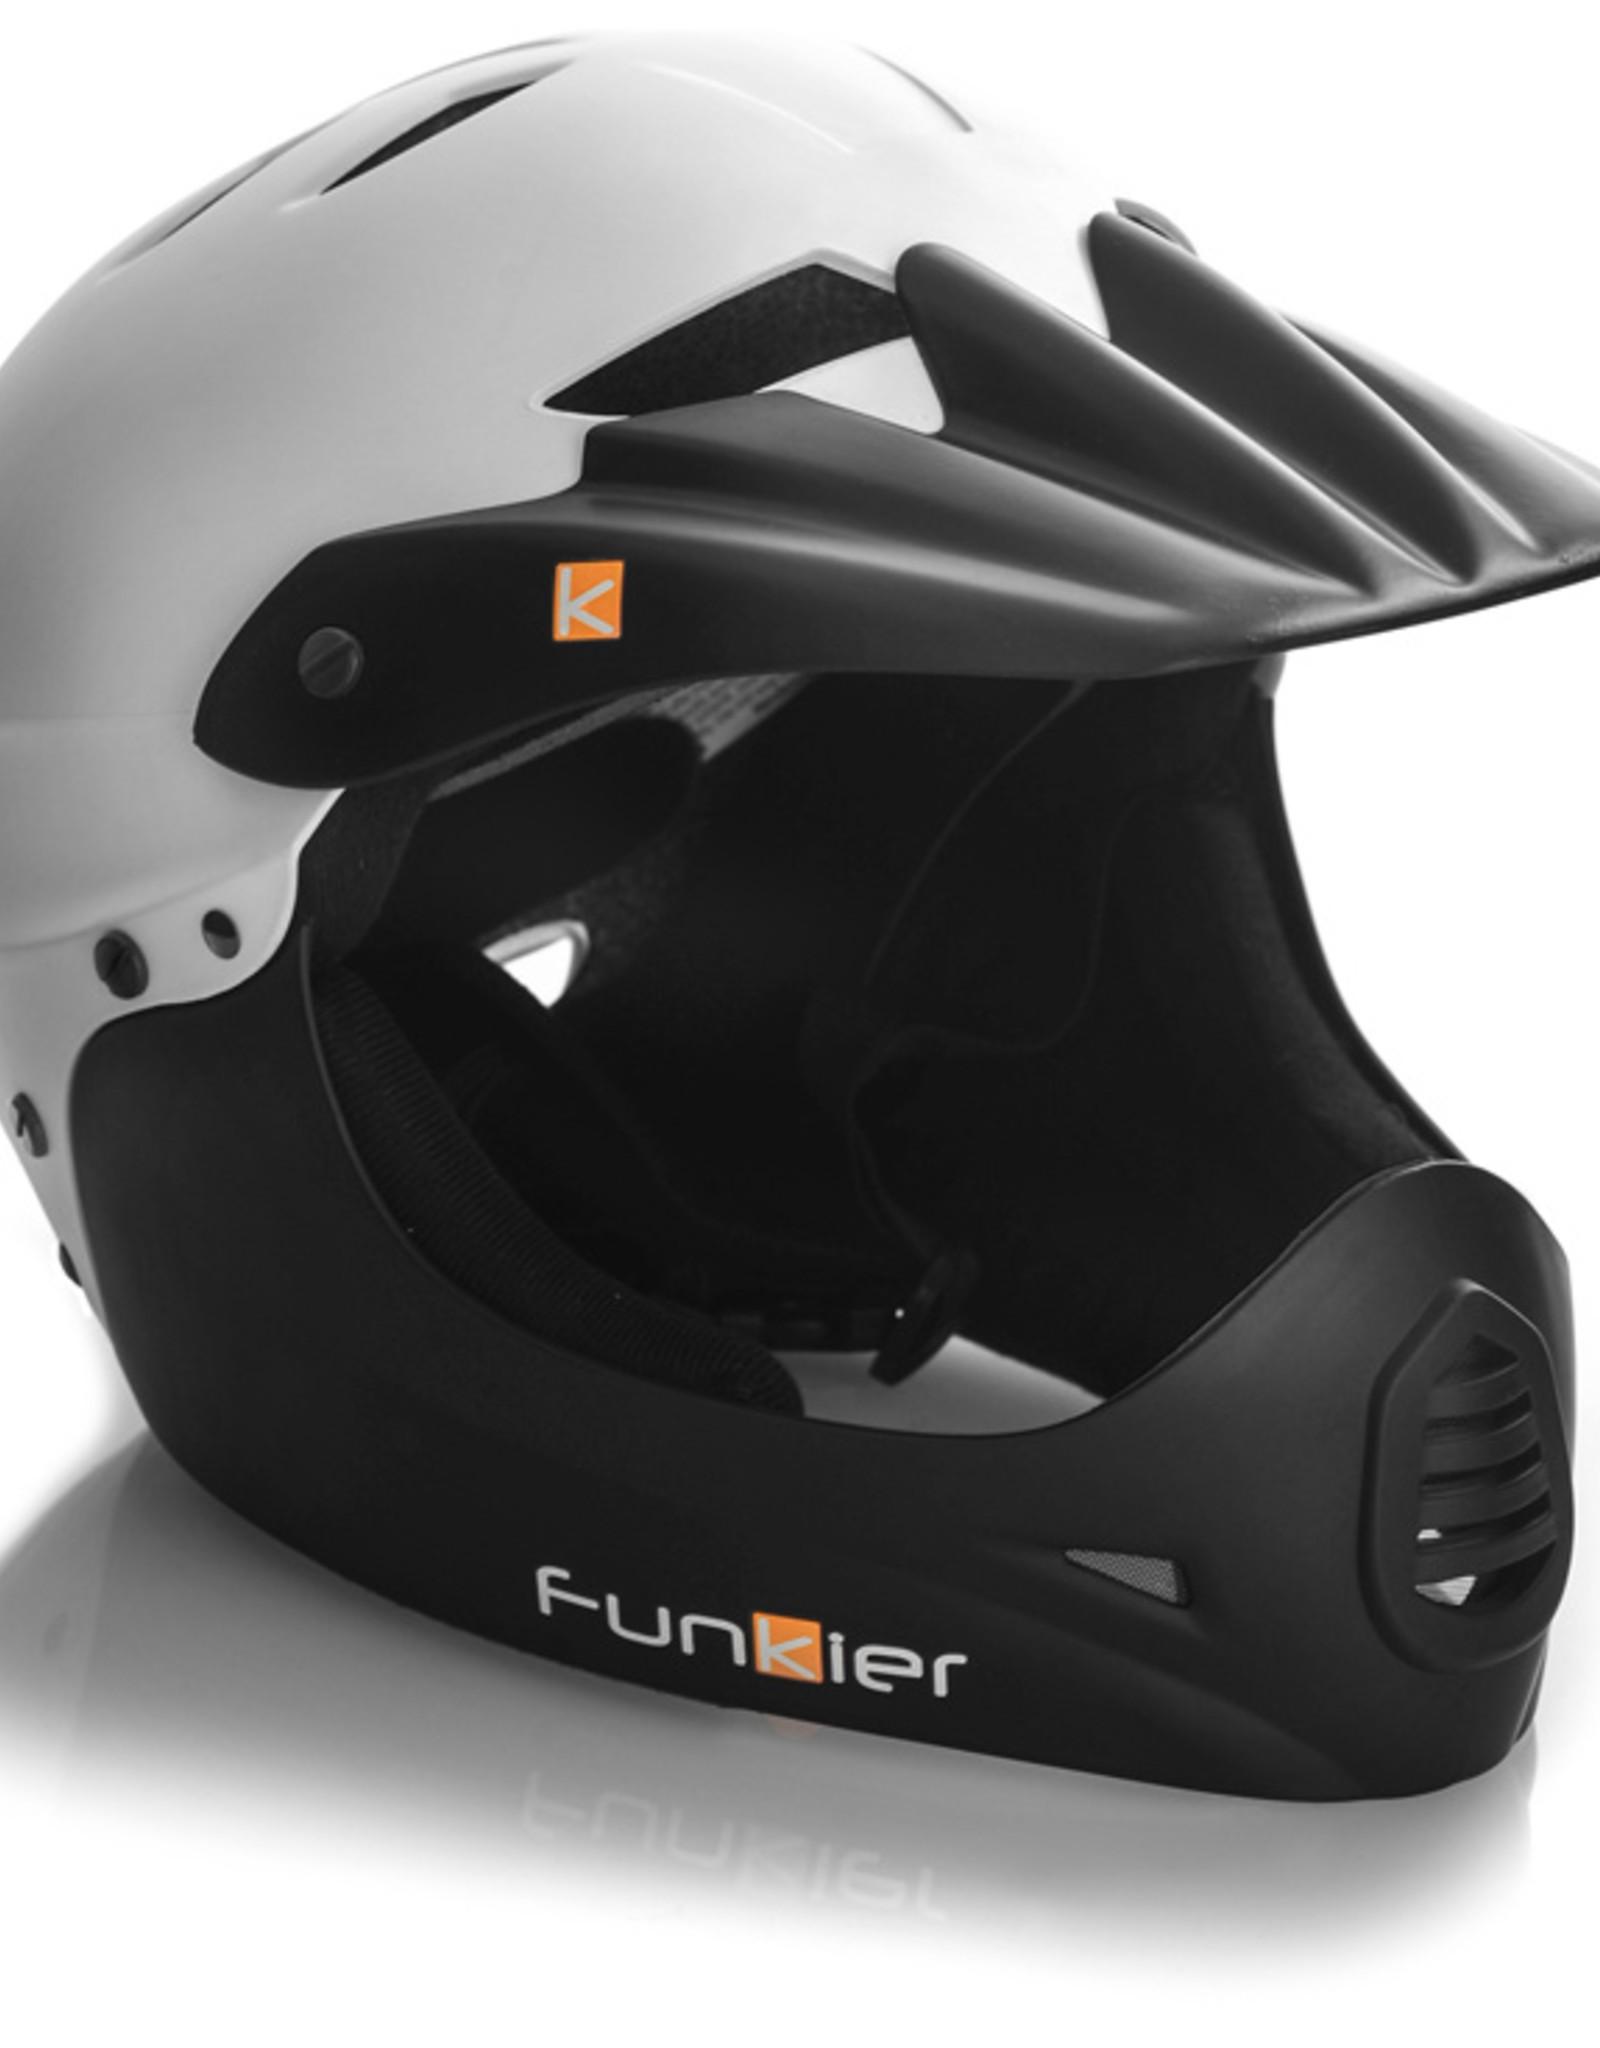 Funkier Sirius Downhill Full Face Helmet in White/Black